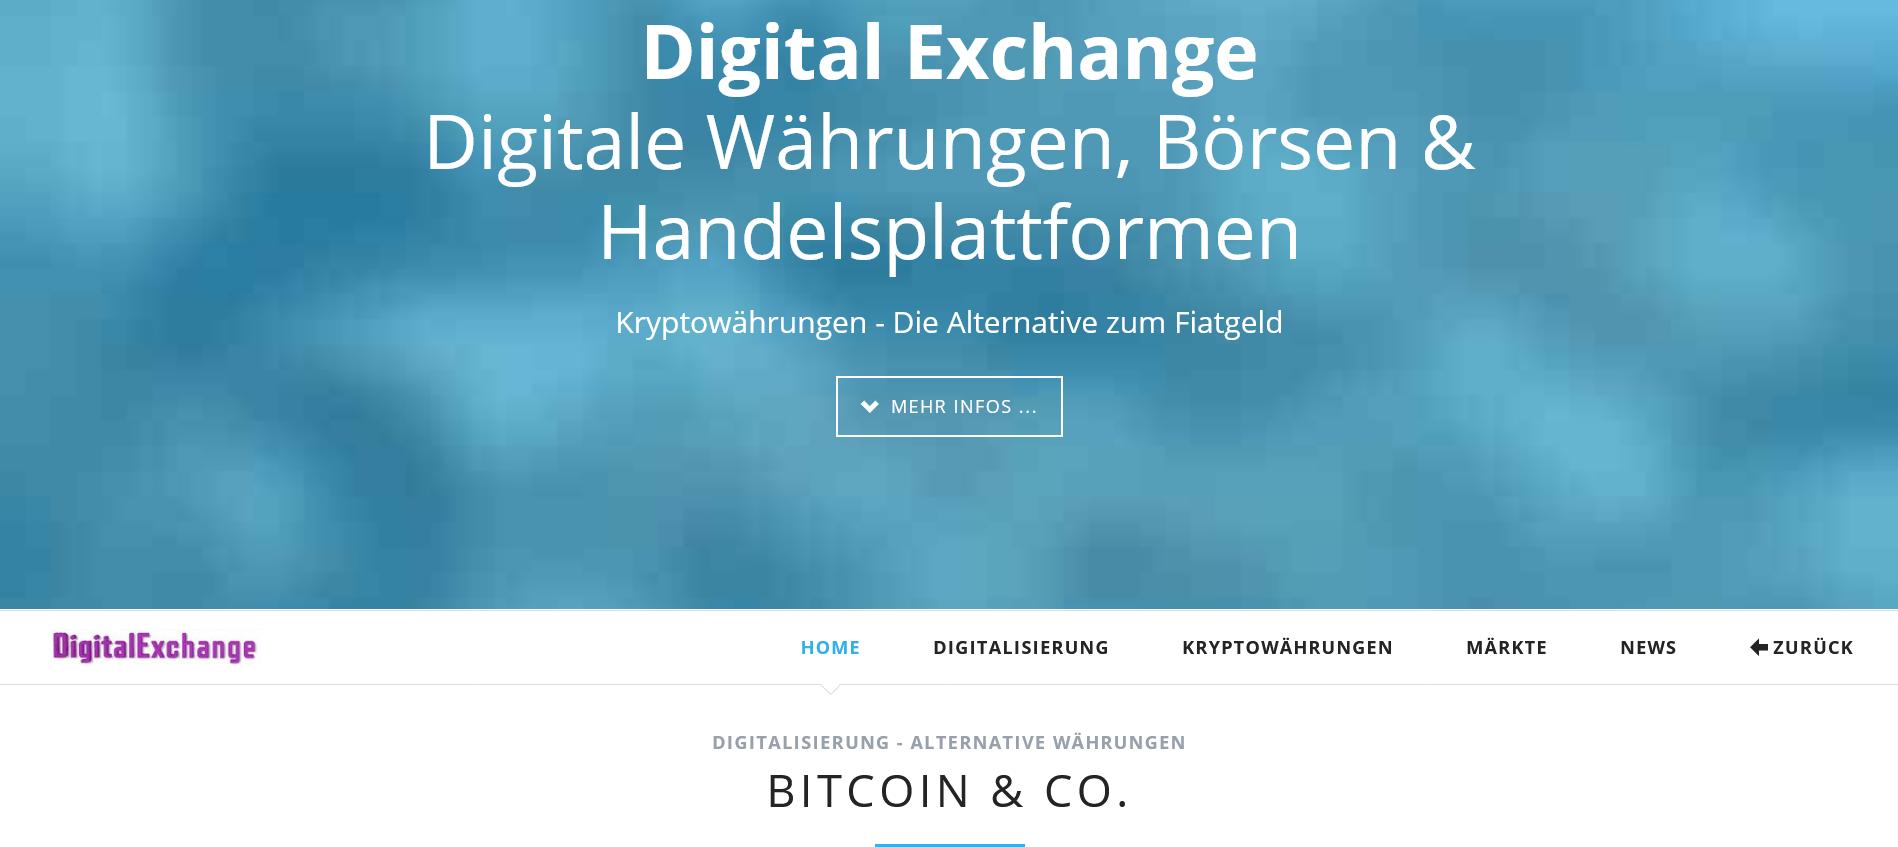 Digital Exchange - DigitalExchange.de